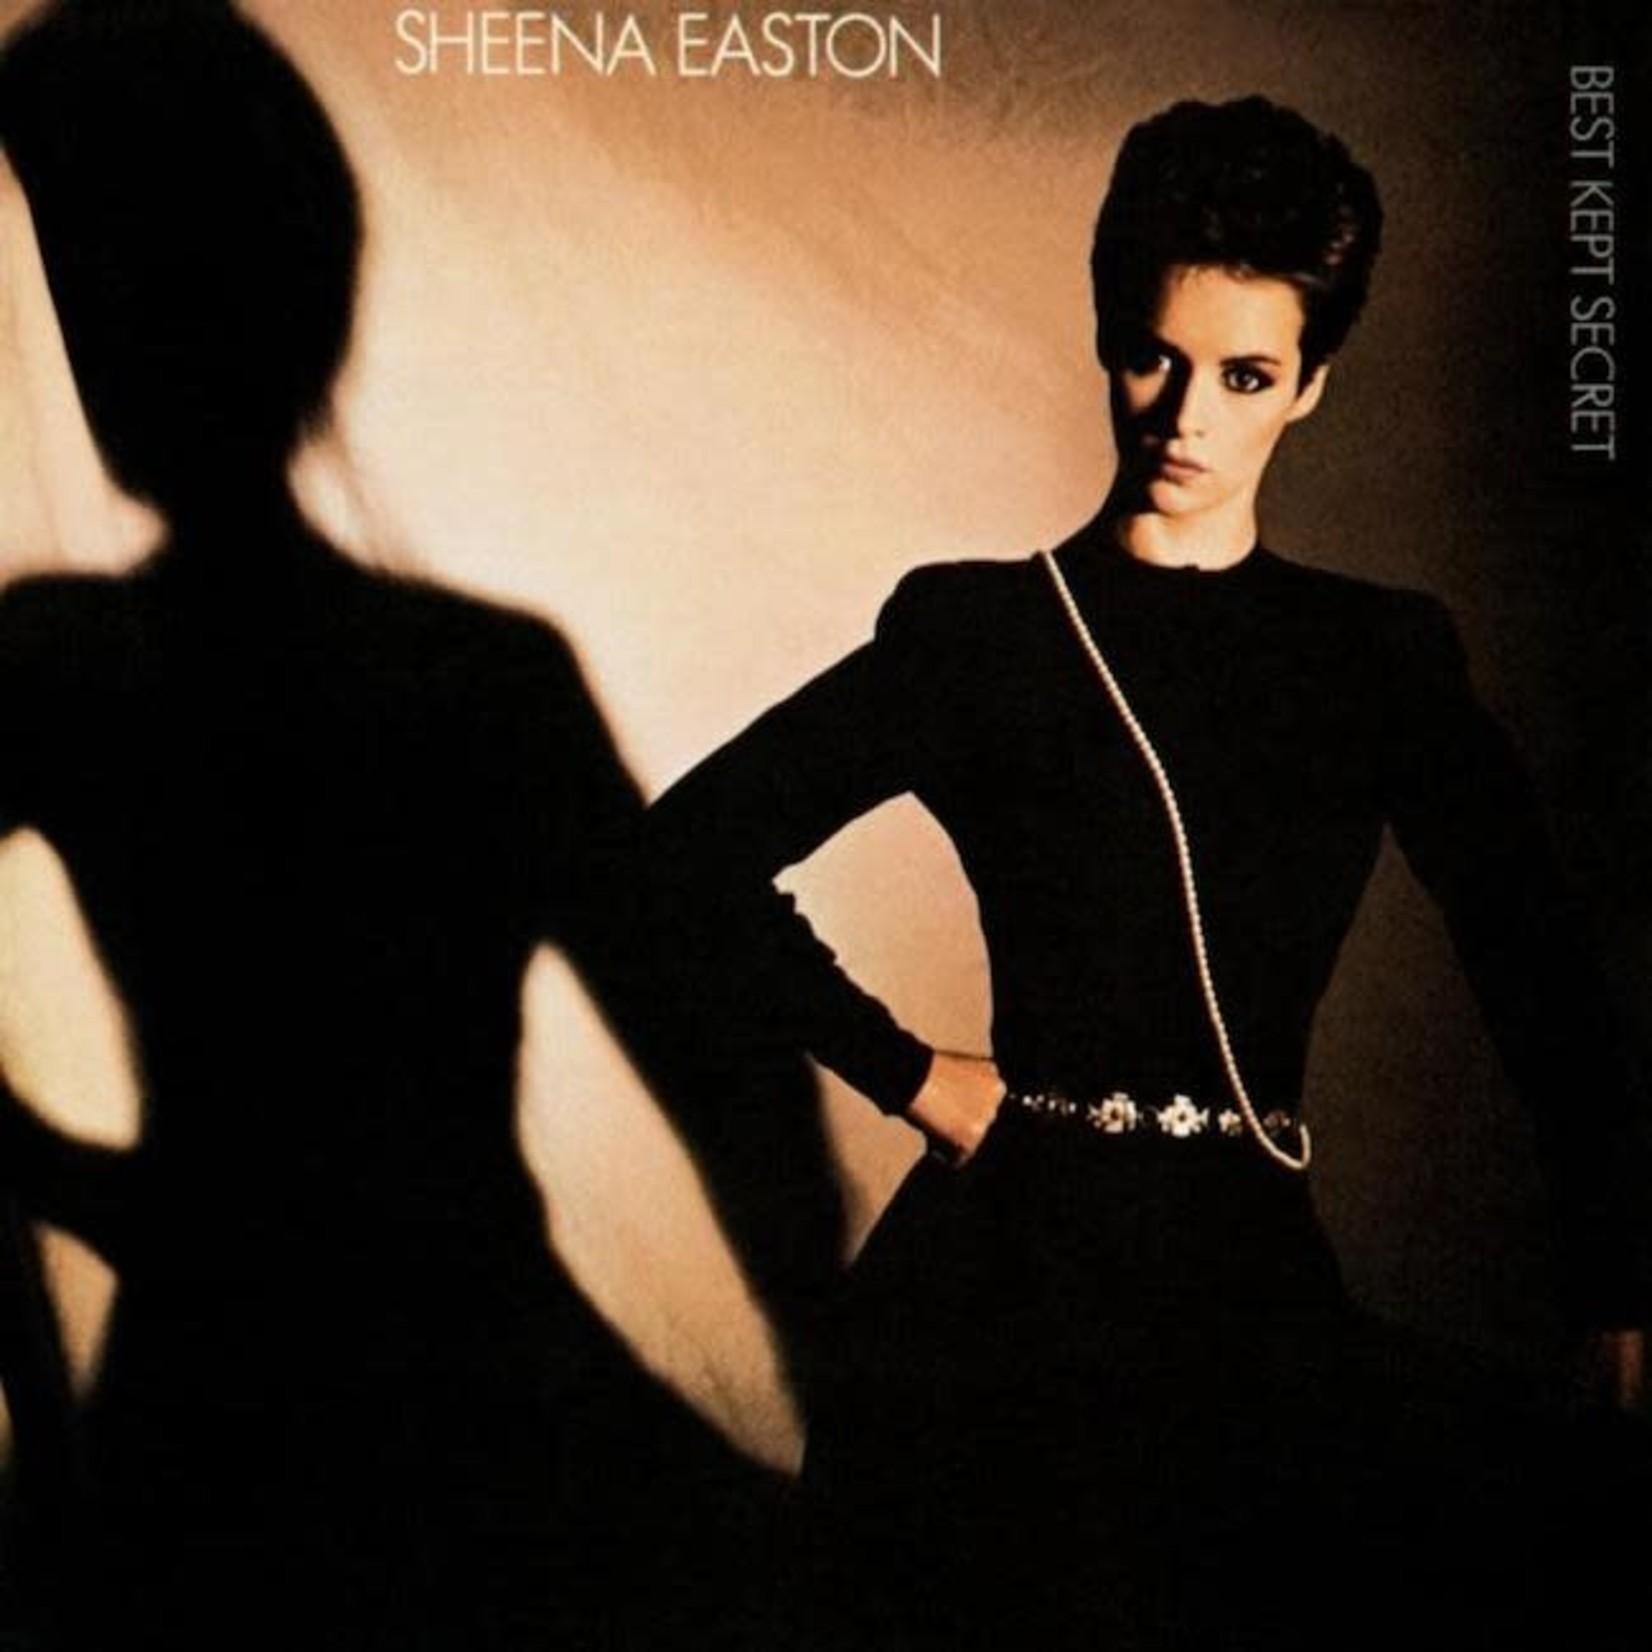 [Vintage] Easton, Sheena: Best Kept Secret